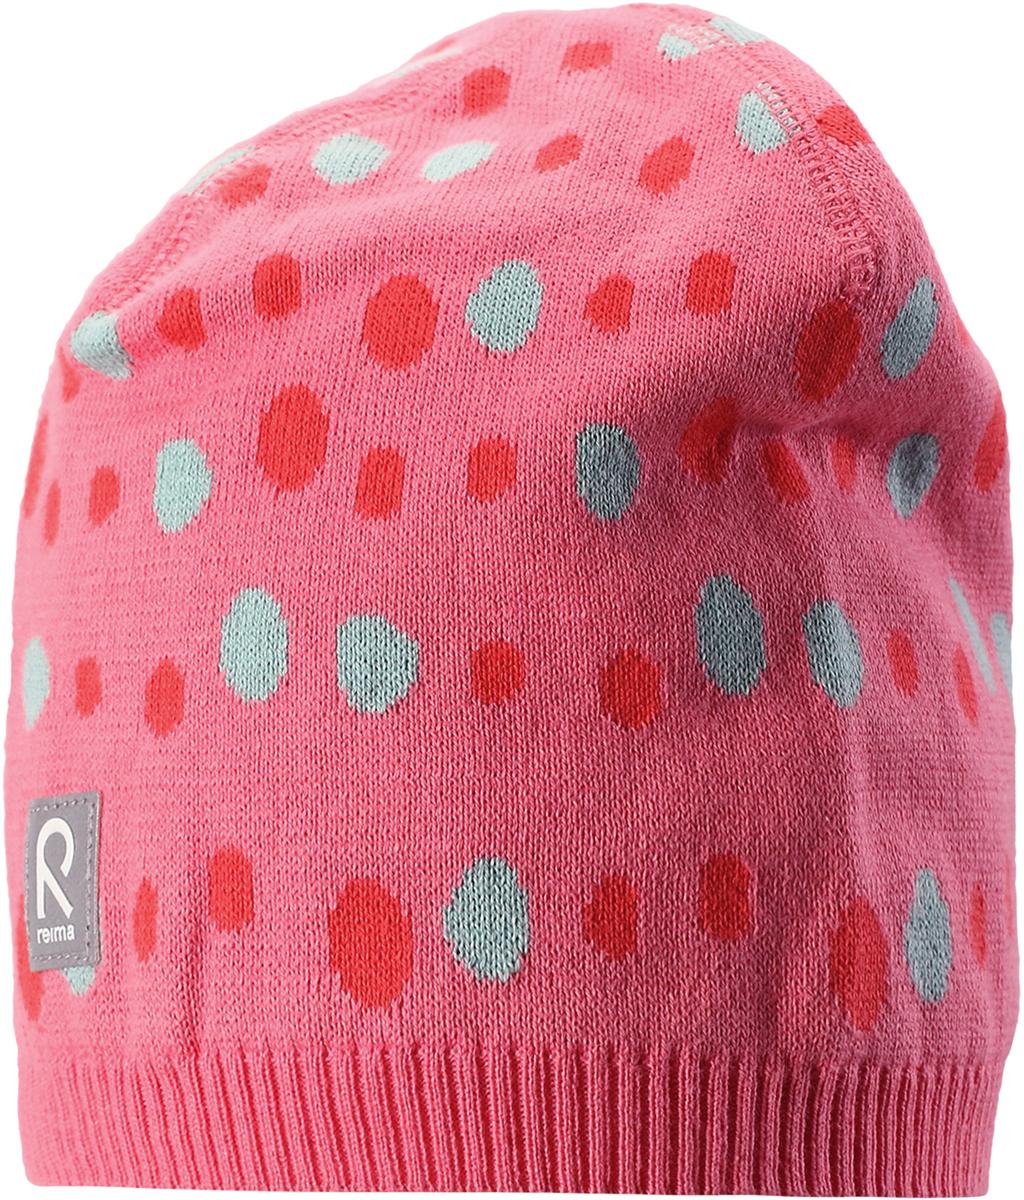 Шапка детская Reima Pulpo, цвет: розовый. 5285743291. Размер 525285743291Легкая трикотажная шапка -бини от Reima из хлопка без подкладки – идеальный вариант на летний вечер в ветреную погоду. Обратите внимание на декоративную структурную вязку и новые летние рисунки!